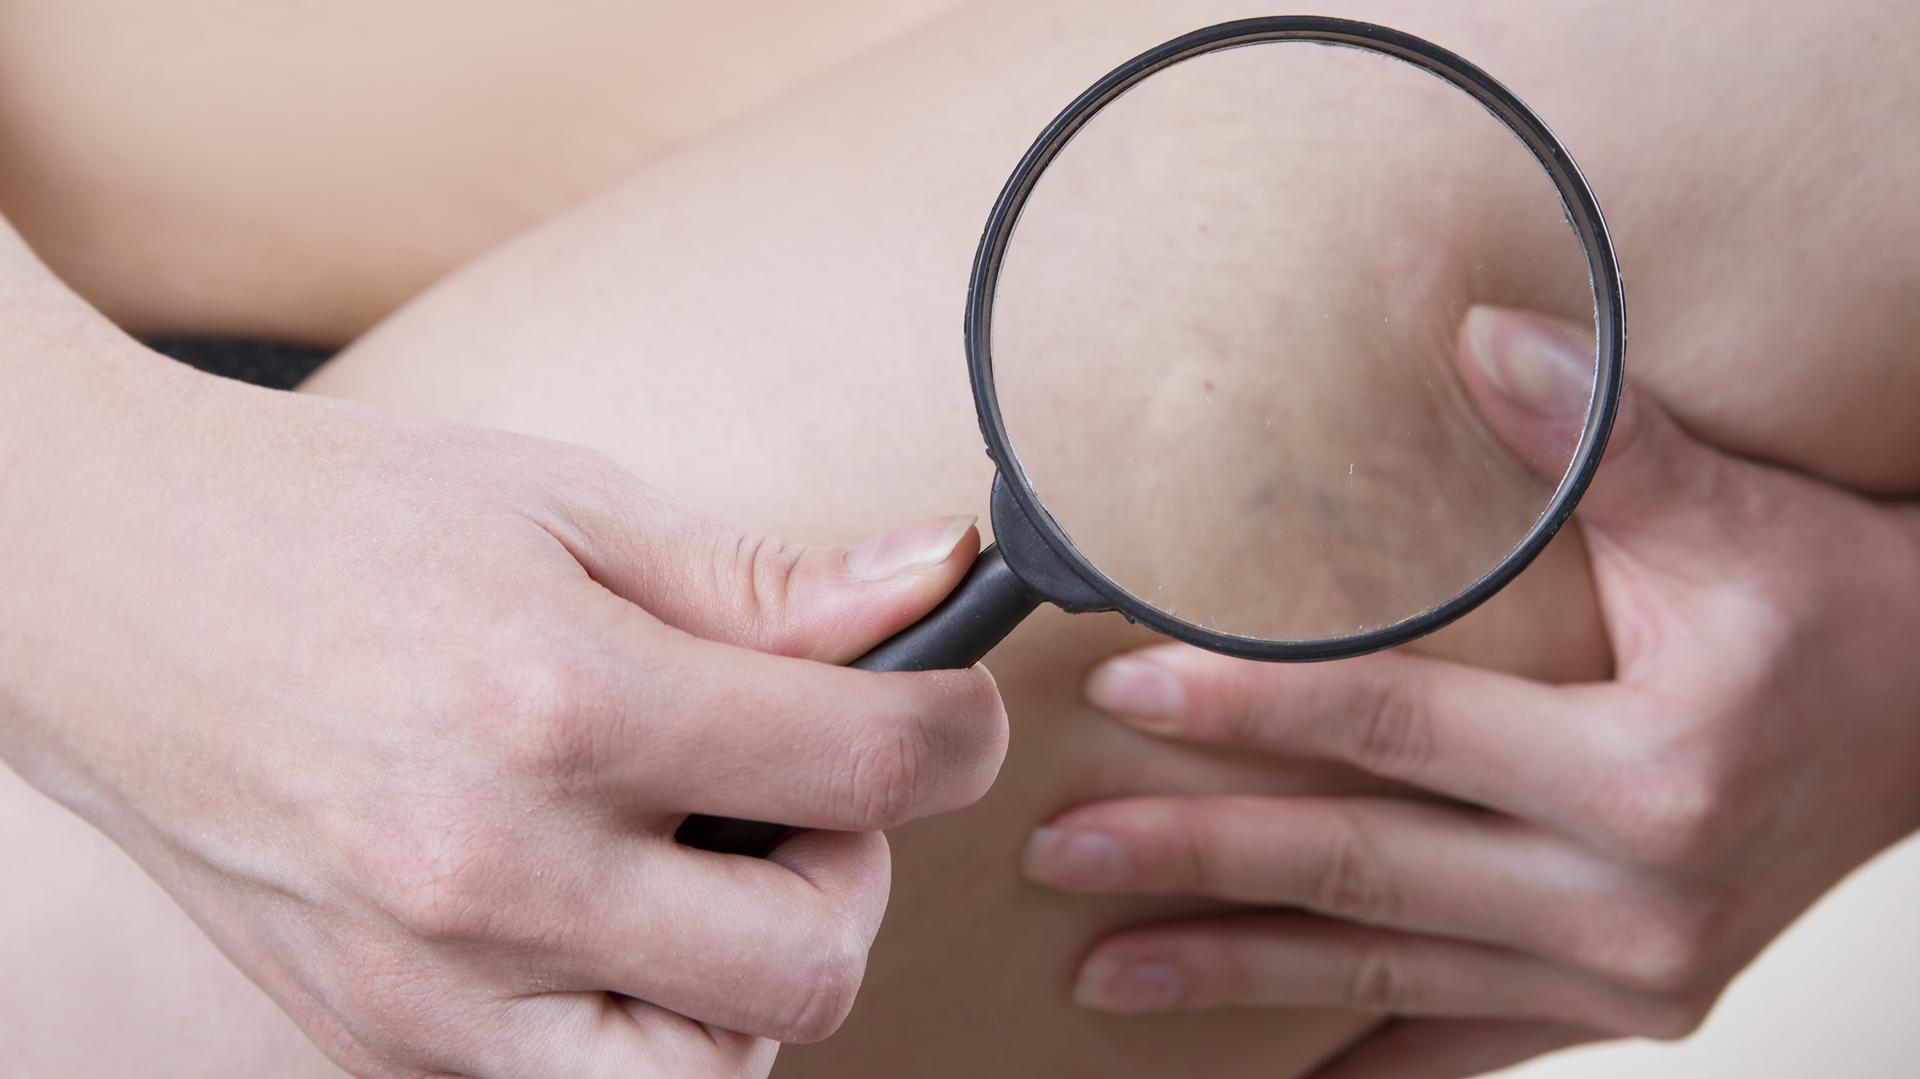 La paciente suele padecer de múltiples telangiectasias en las áreas afectadas y hematomas espontáneos (iStock)